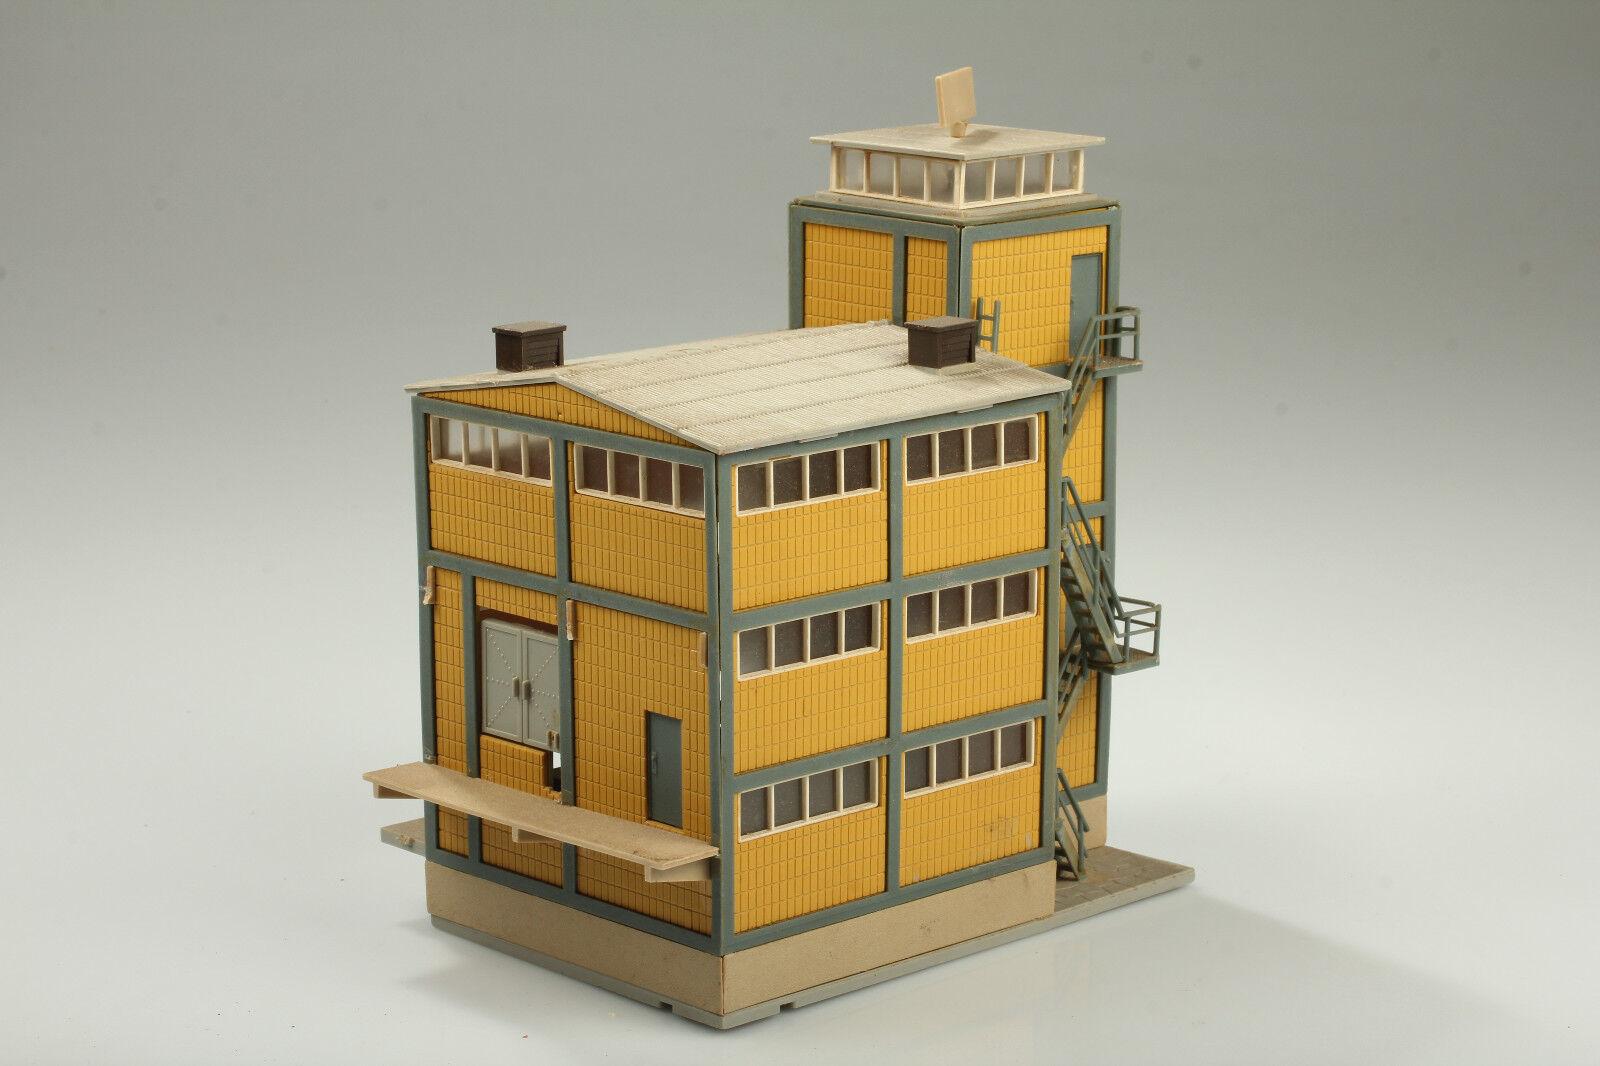 H0 VOLLMER 5620 società edificio magazzino sporco/GRAFFI/carenze/parti mancanti